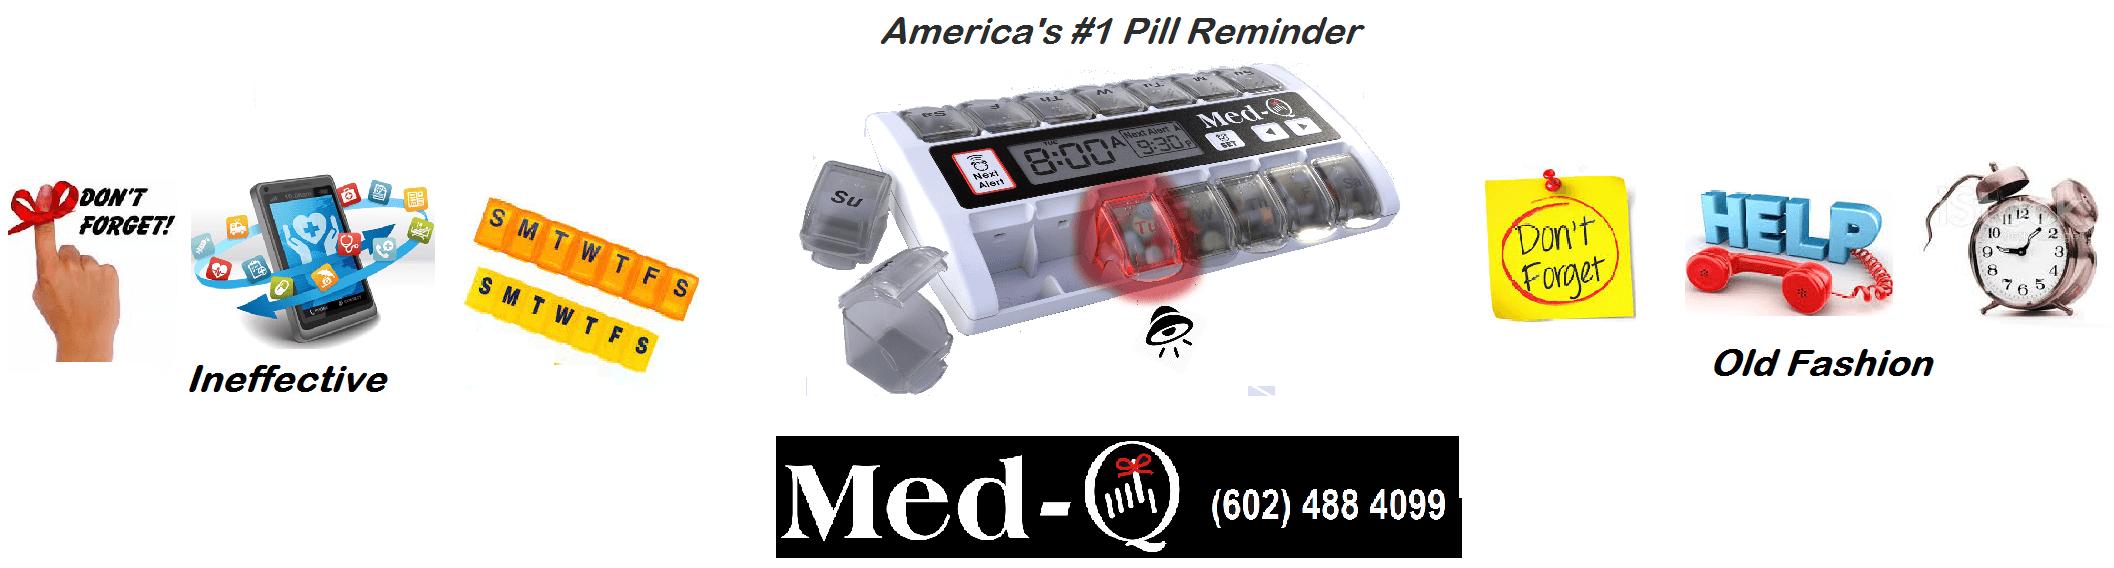 med-q pill reminder alarm system